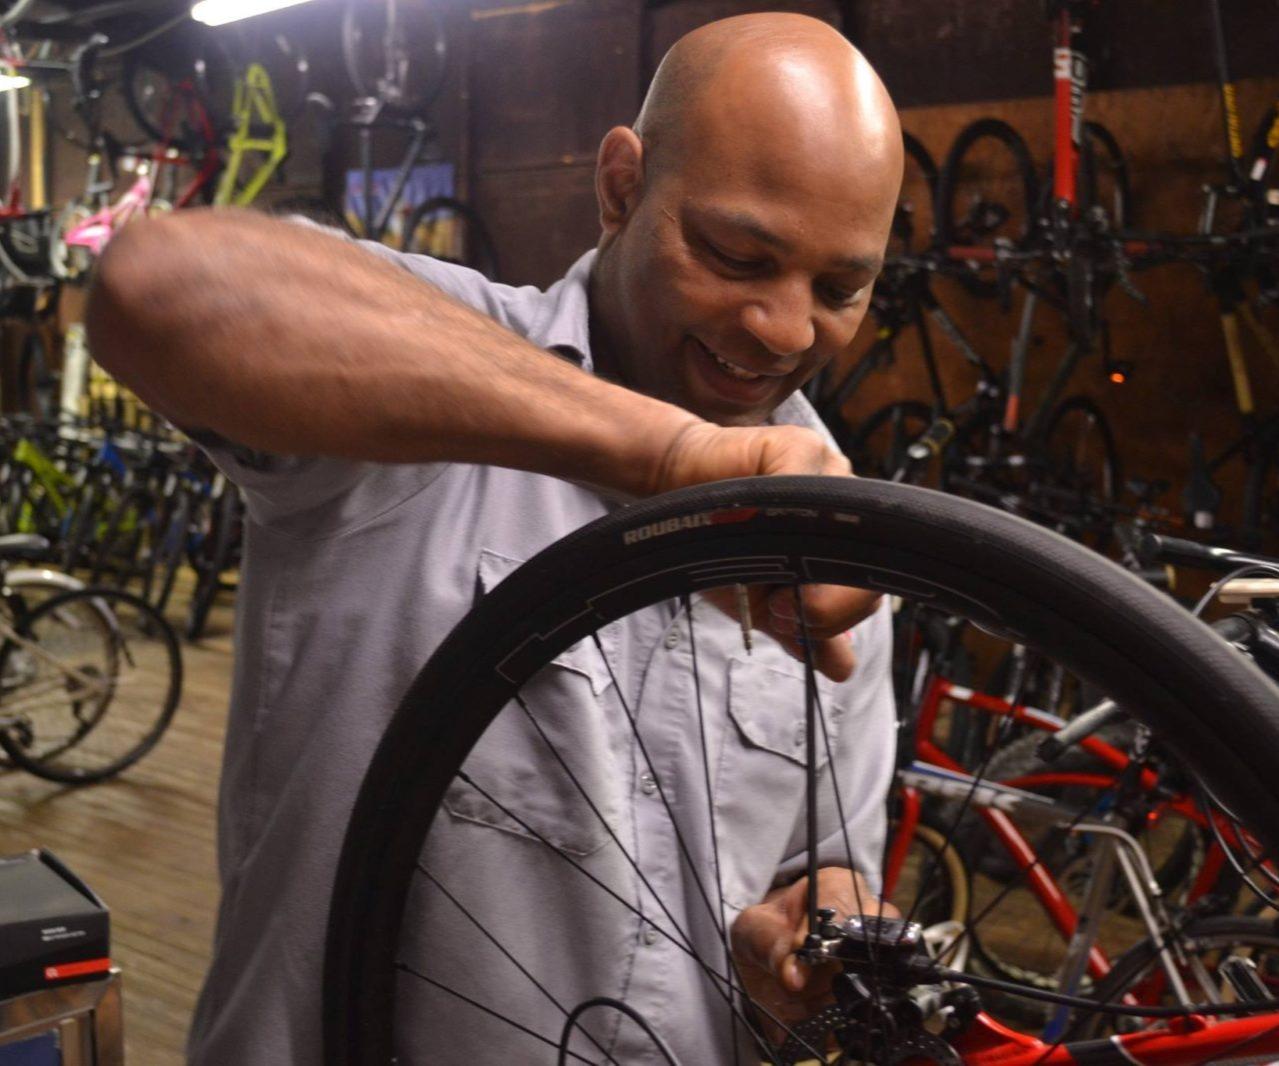 Bicycle repair & service